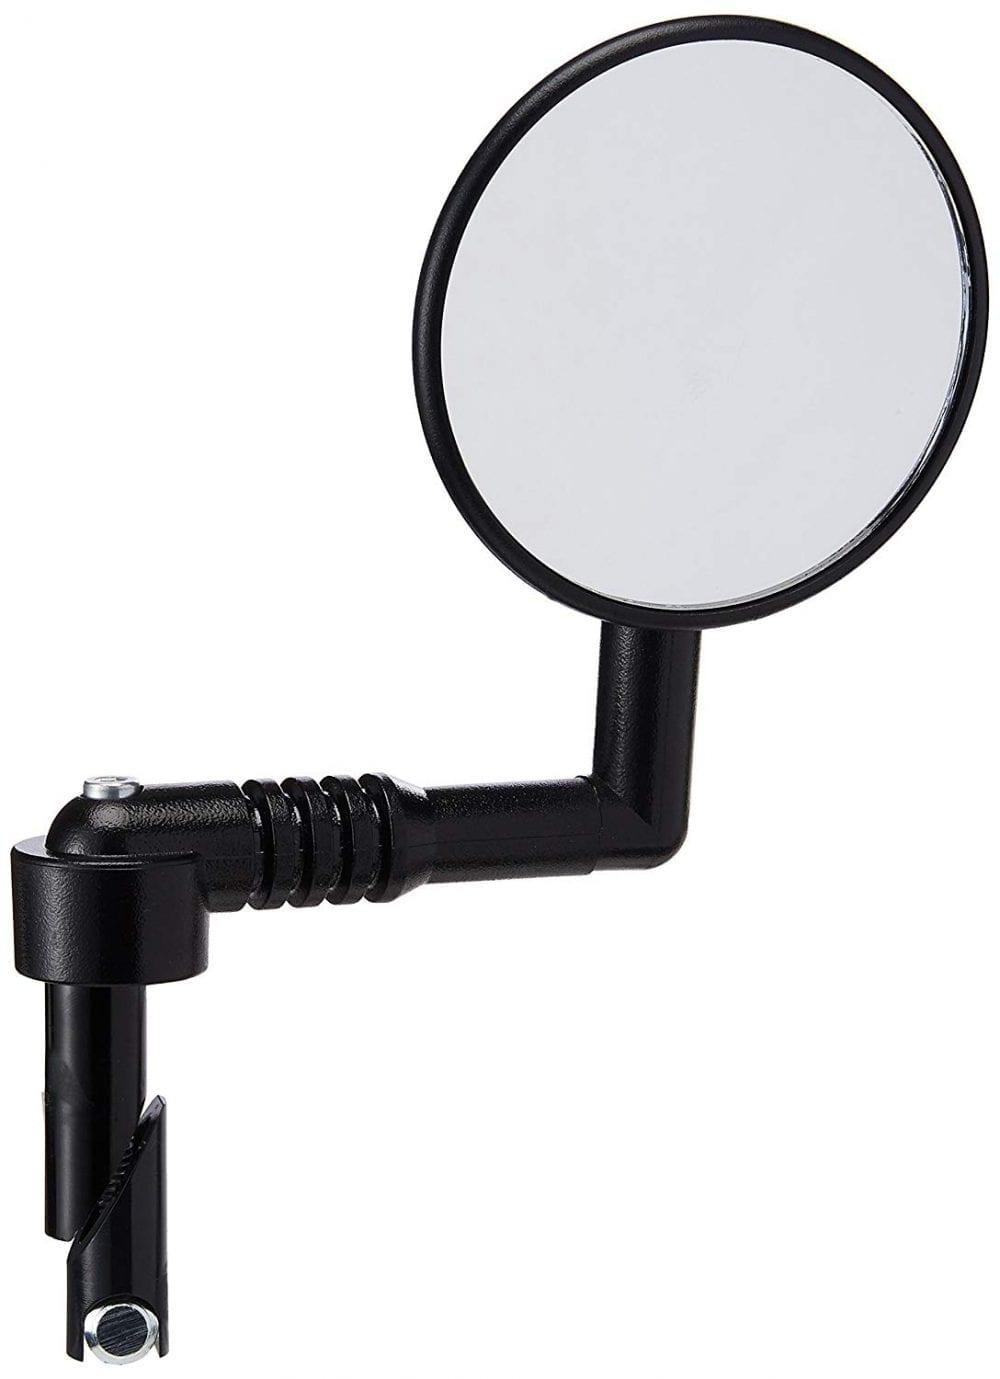 Mirrycle mirror x 2 1